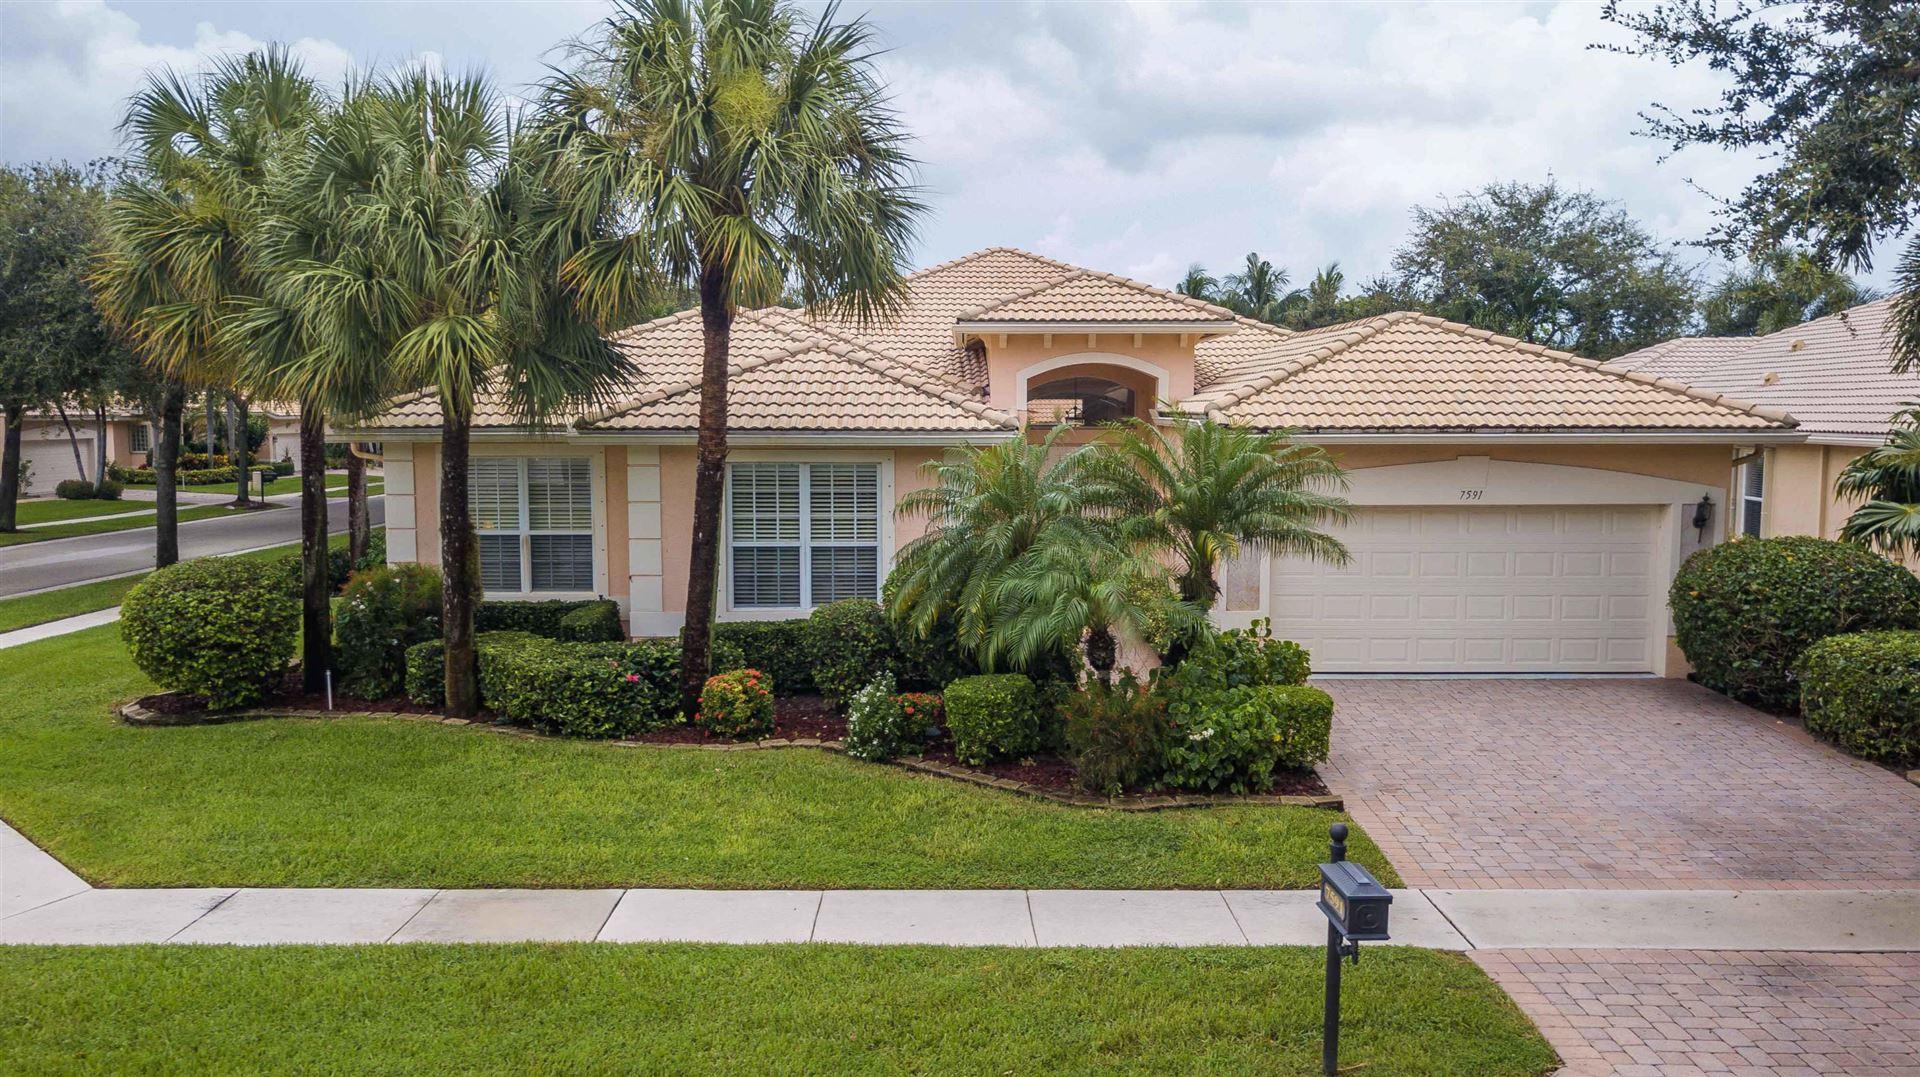 7591 Monticello Way, Boynton Beach, FL 33437 - #: RX-10641966